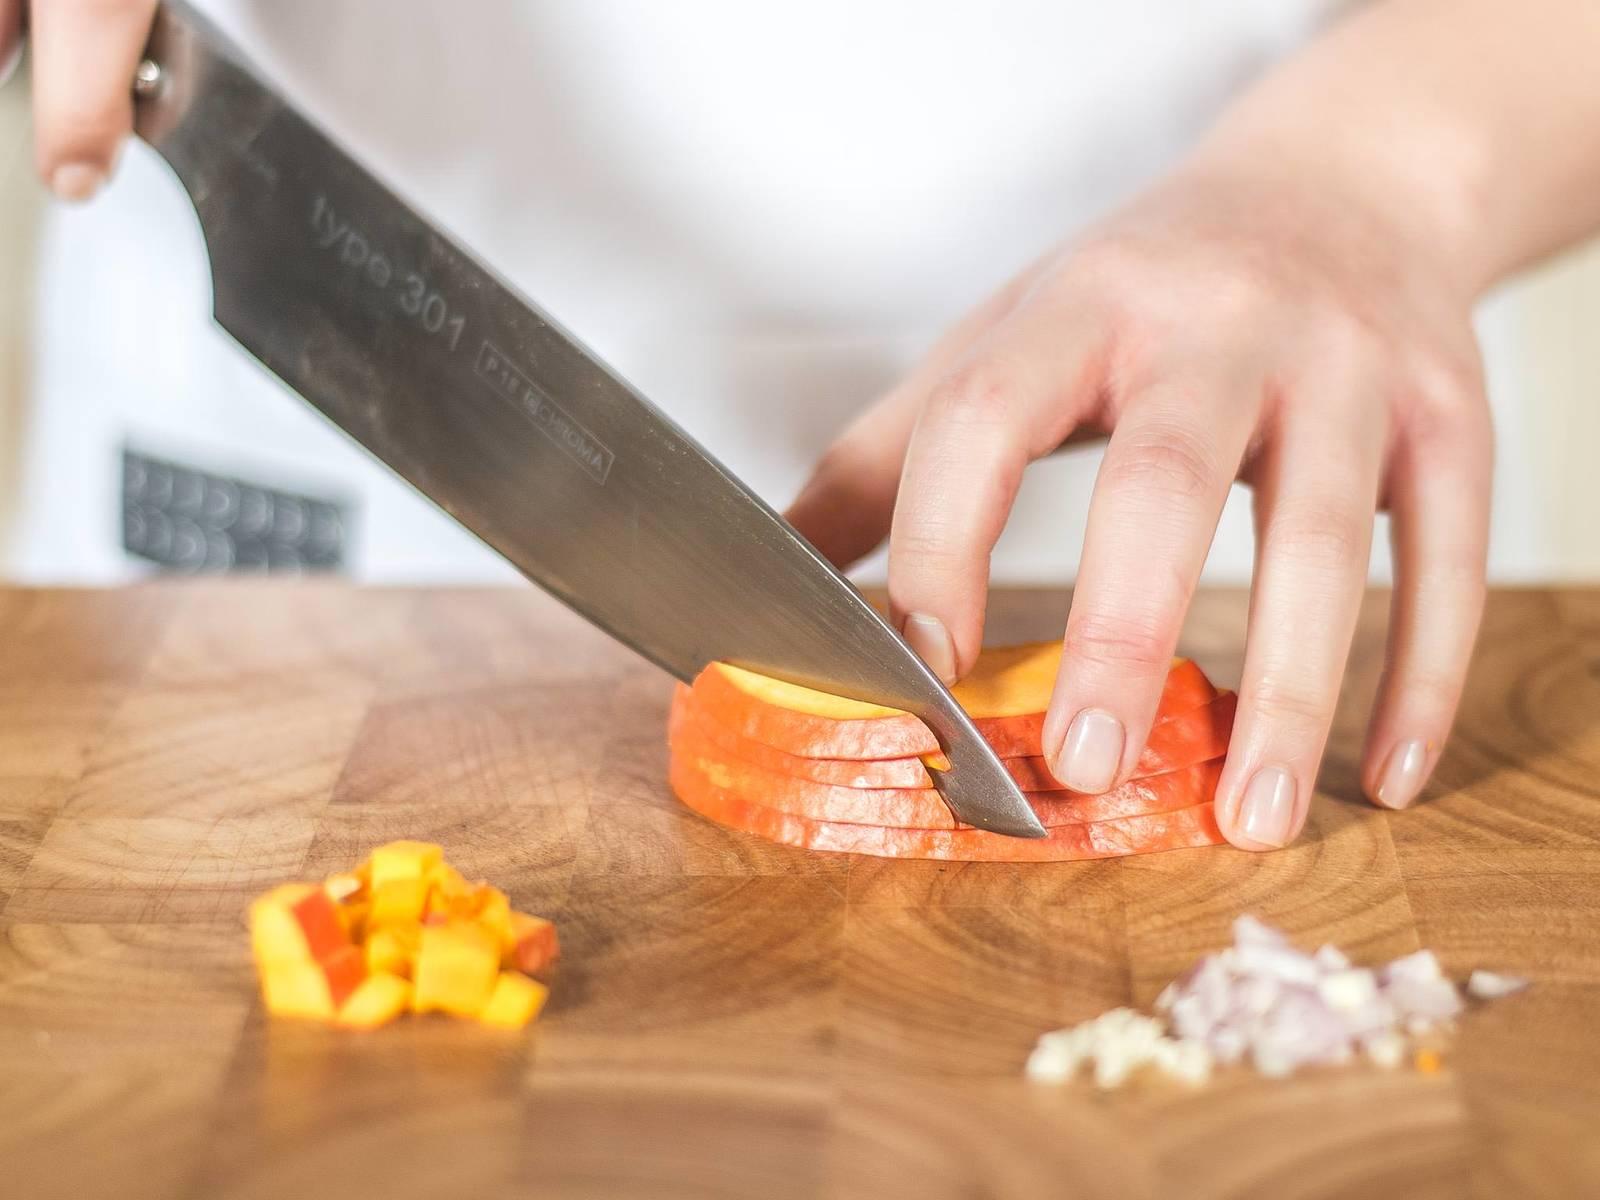 将红皮洋葱去皮后切粒,大蒜切薄片,南瓜切半并用勺子去子瓤,然后切块(约1厘米x1厘米)。